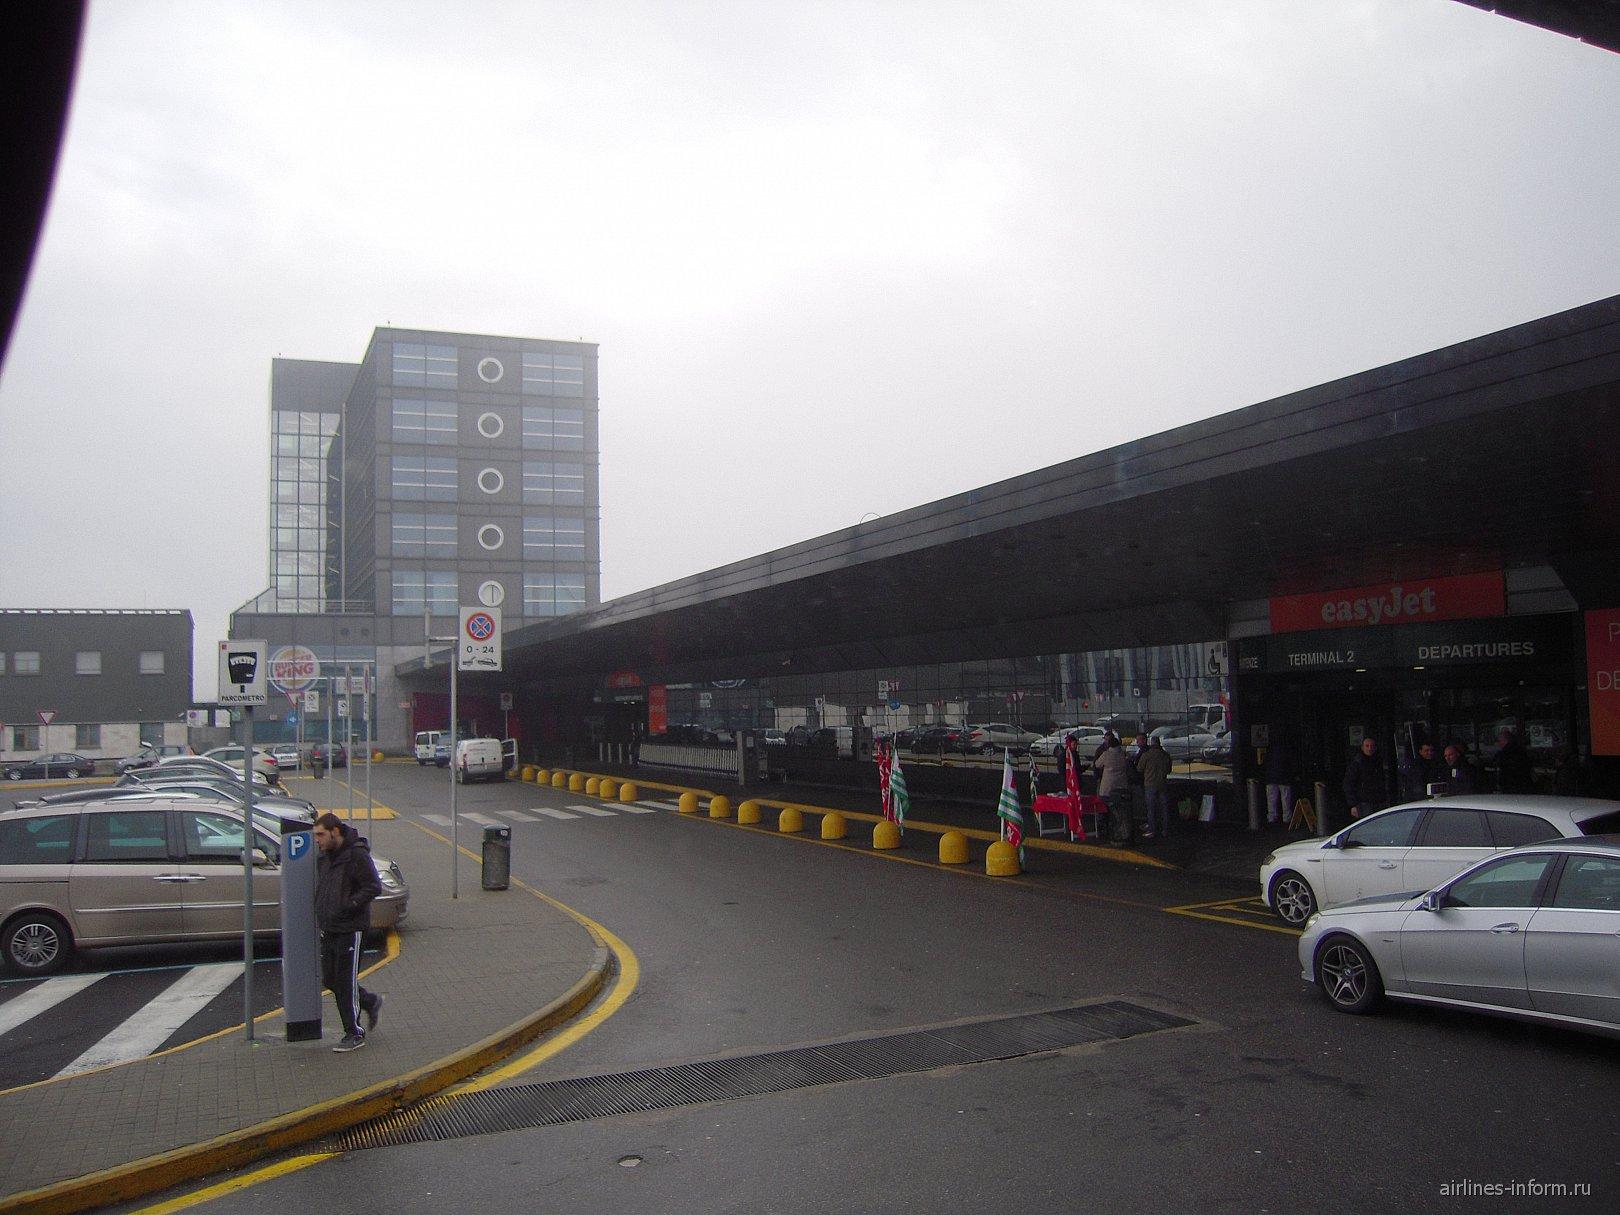 Терминал 2 аэропорта Милан Мальпенса